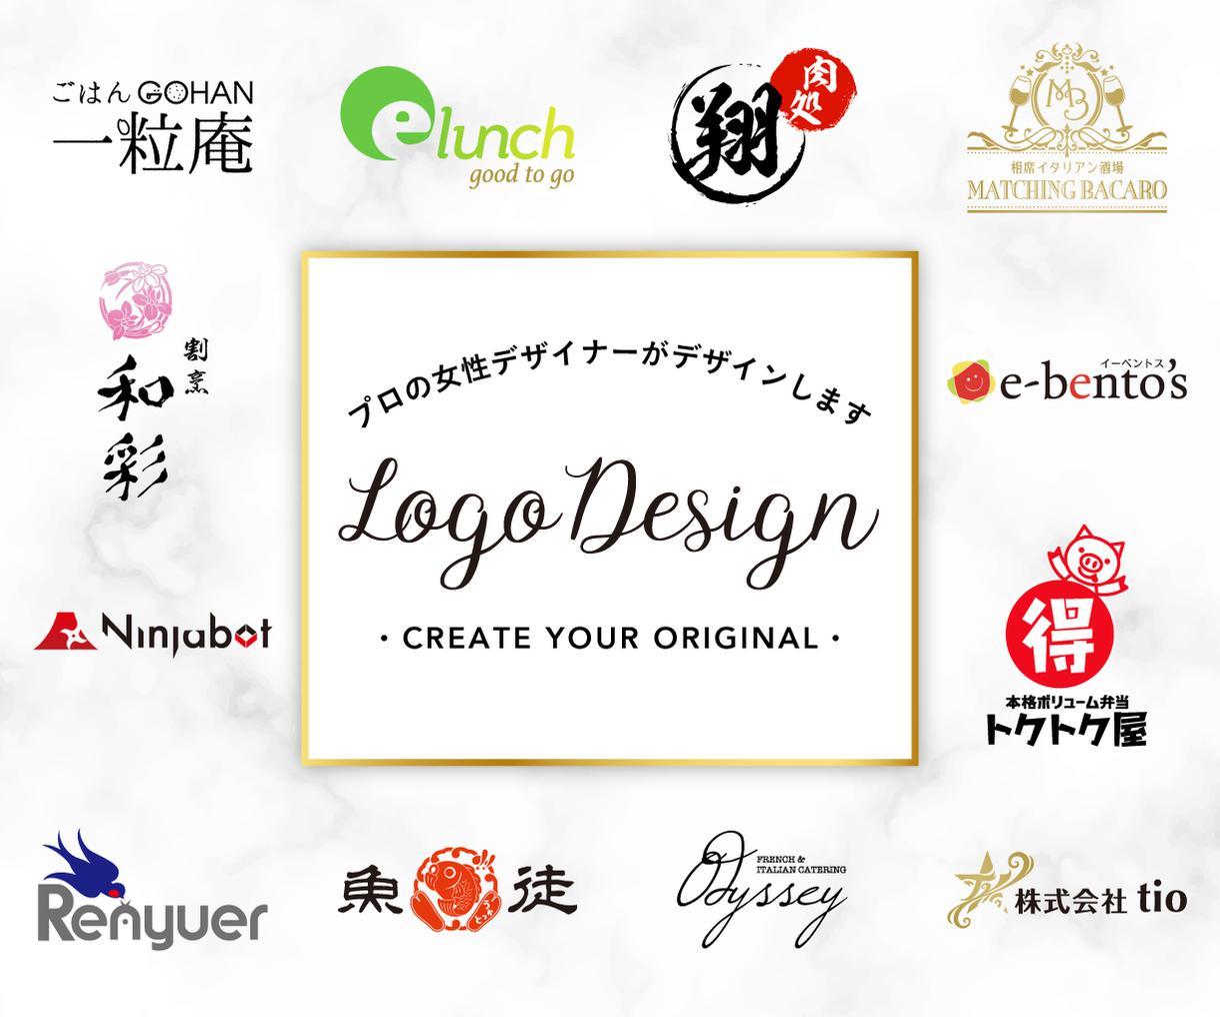 プロの女性デザイナーが伝わるロゴをデザインします コンセプトを大切に永く愛用できるハイクオリティなロゴをご提案 イメージ1